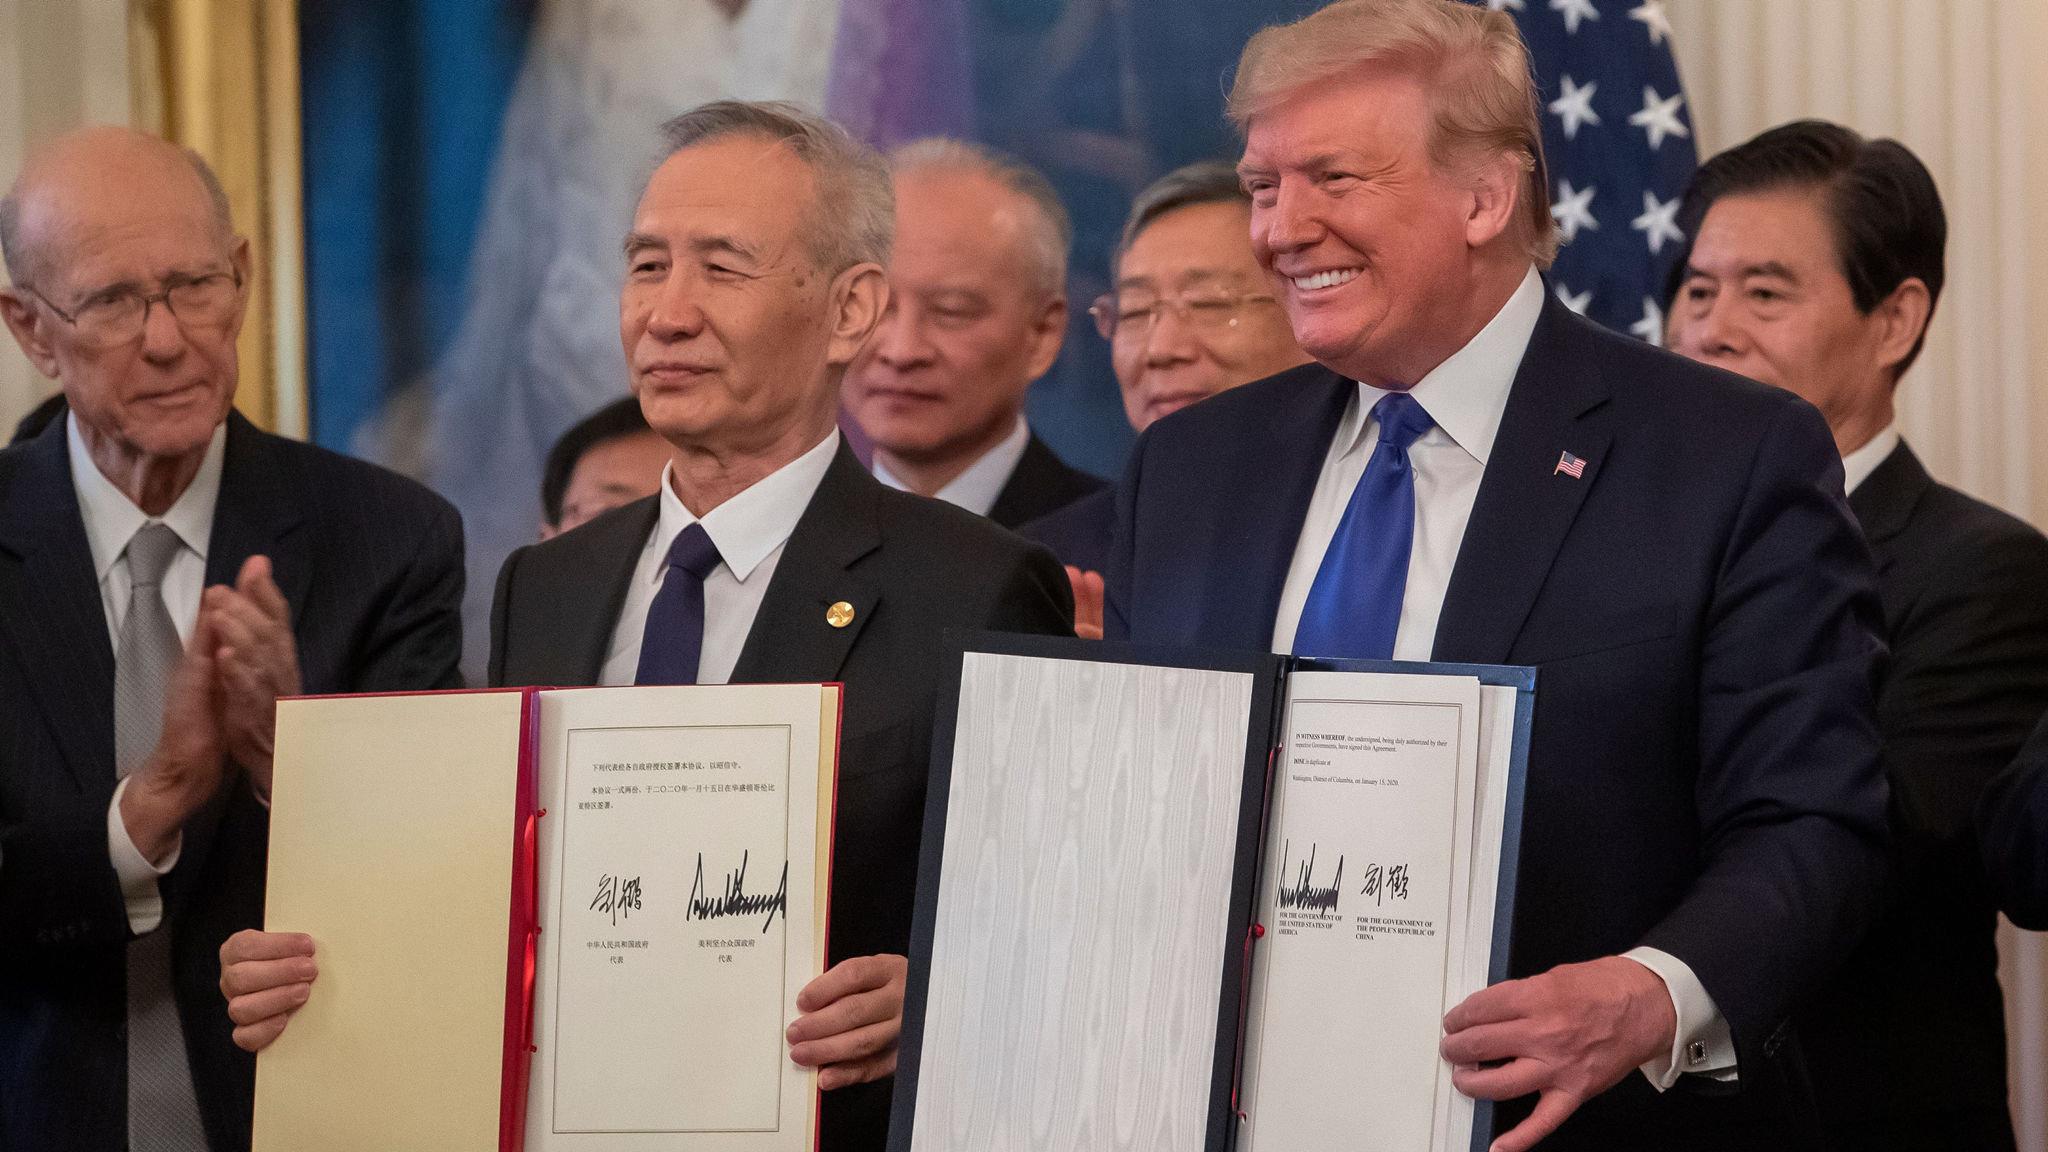 Thị trường thịt heo của Mỹ sẽ thắng lớn sau khi nước này ký thỏa thuận thương mại giai đoạn 1 với Trung Quốc - Ảnh: Financial Times